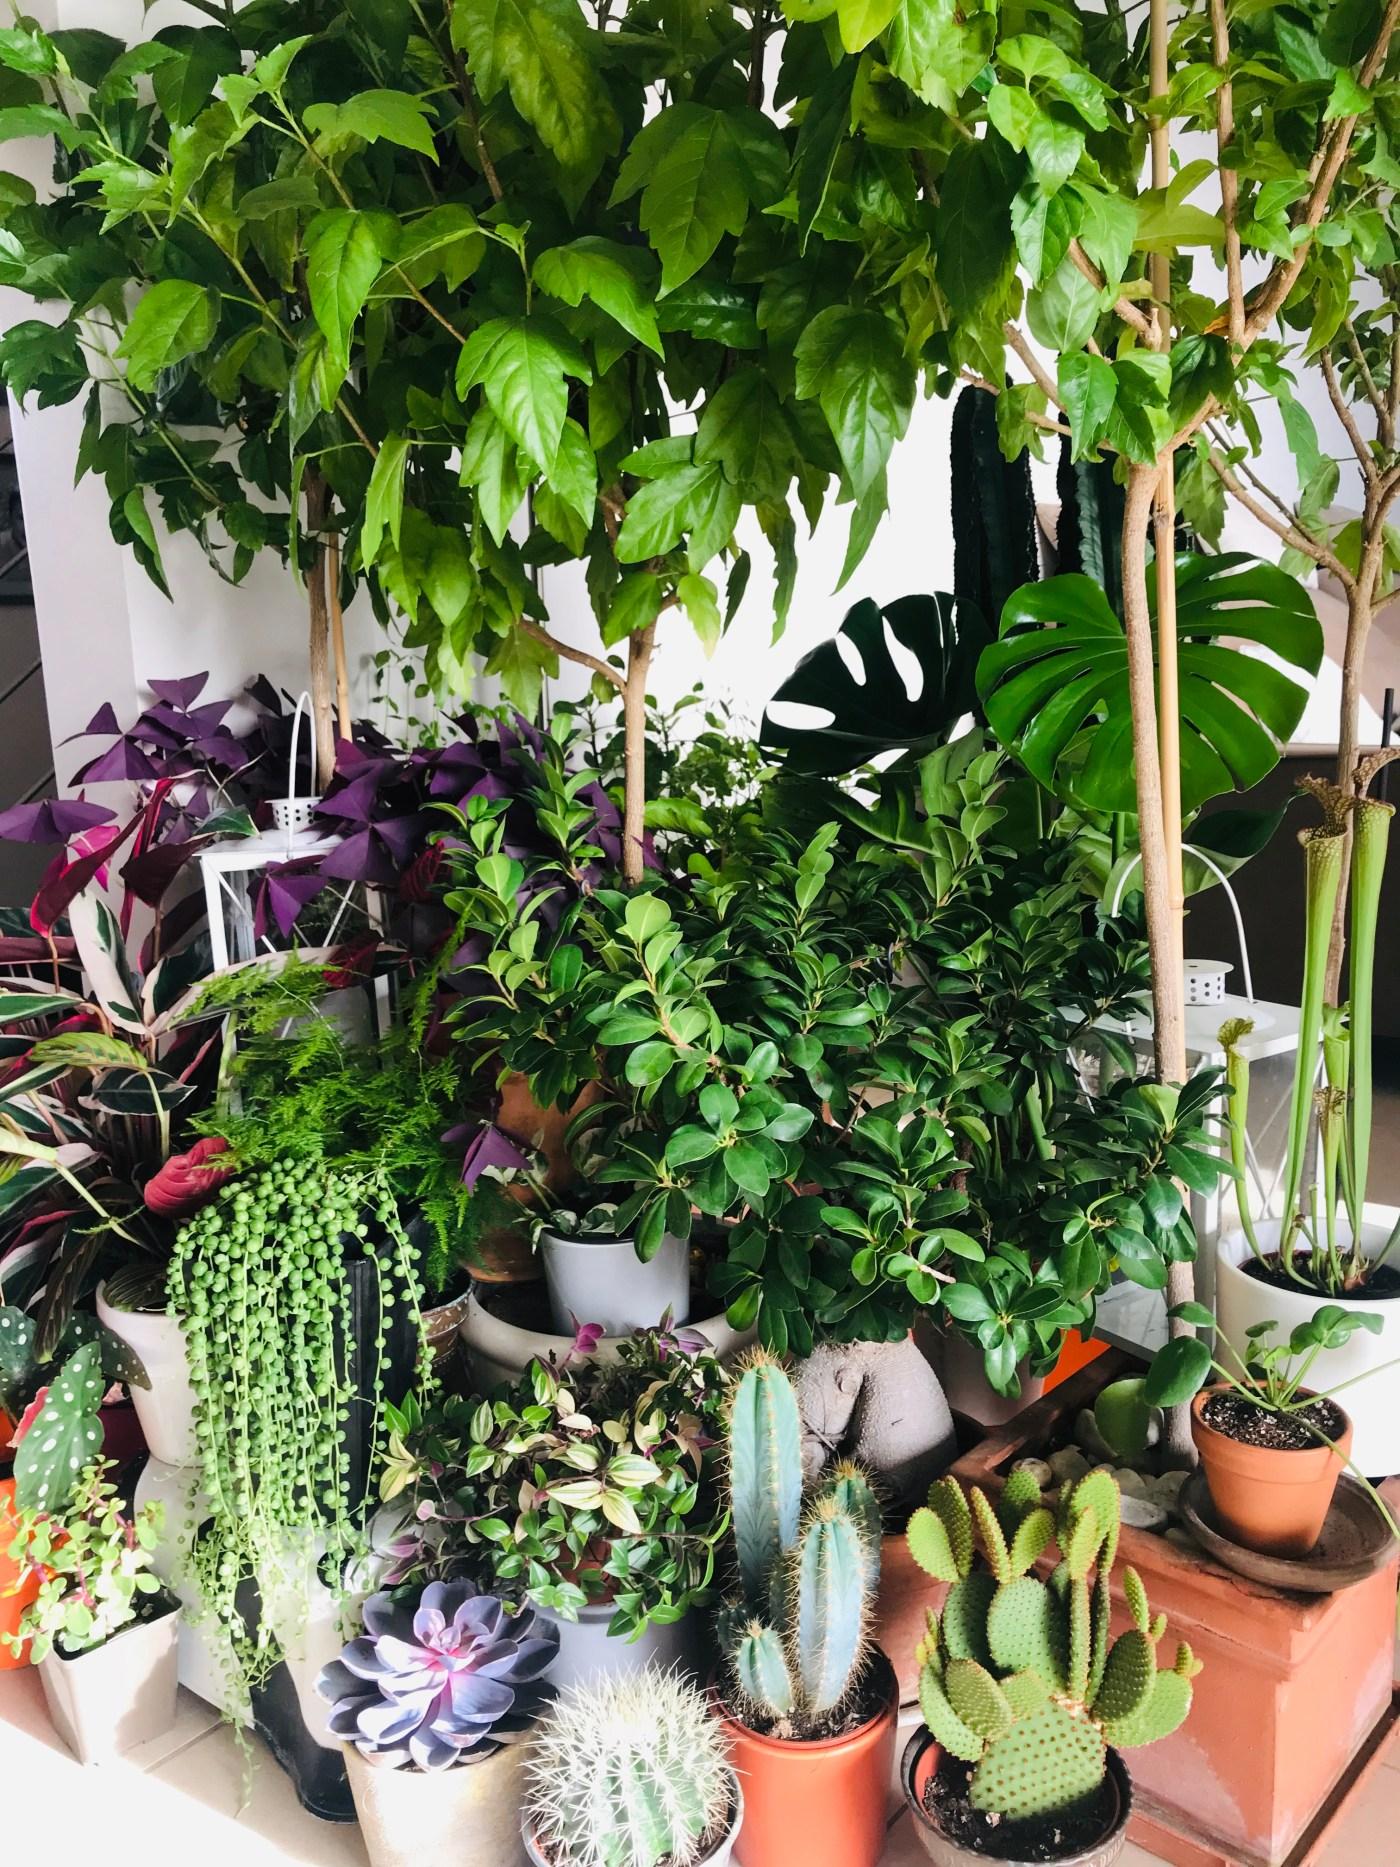 Plante Exterieur Toute Saison Pas Cher comment se créer une jungle urbaine pour 0€ ? – osez planter